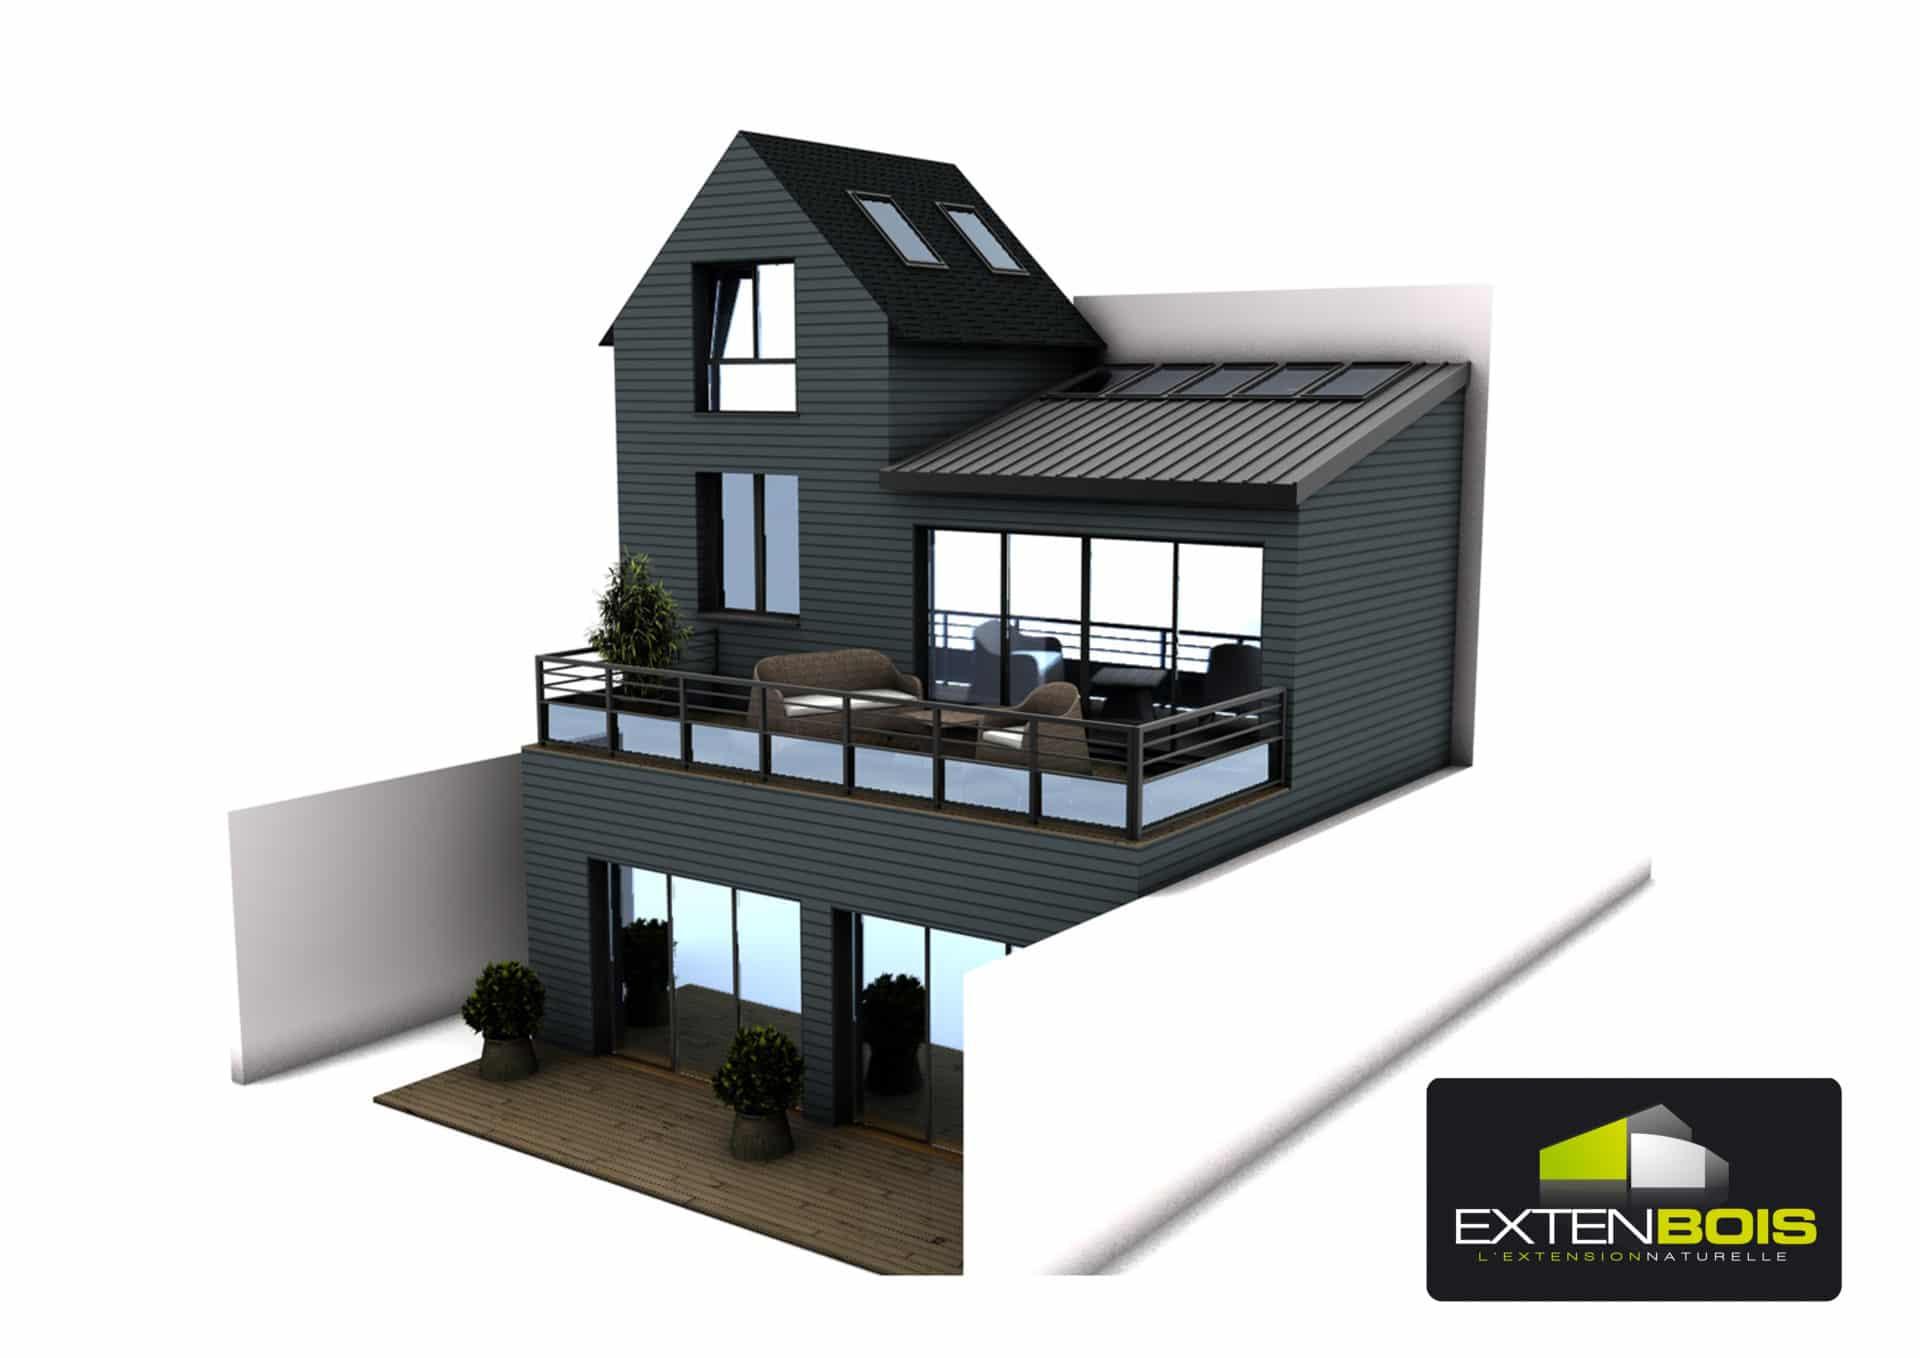 extension sur l vation bois maison morbihan i extenbois. Black Bedroom Furniture Sets. Home Design Ideas